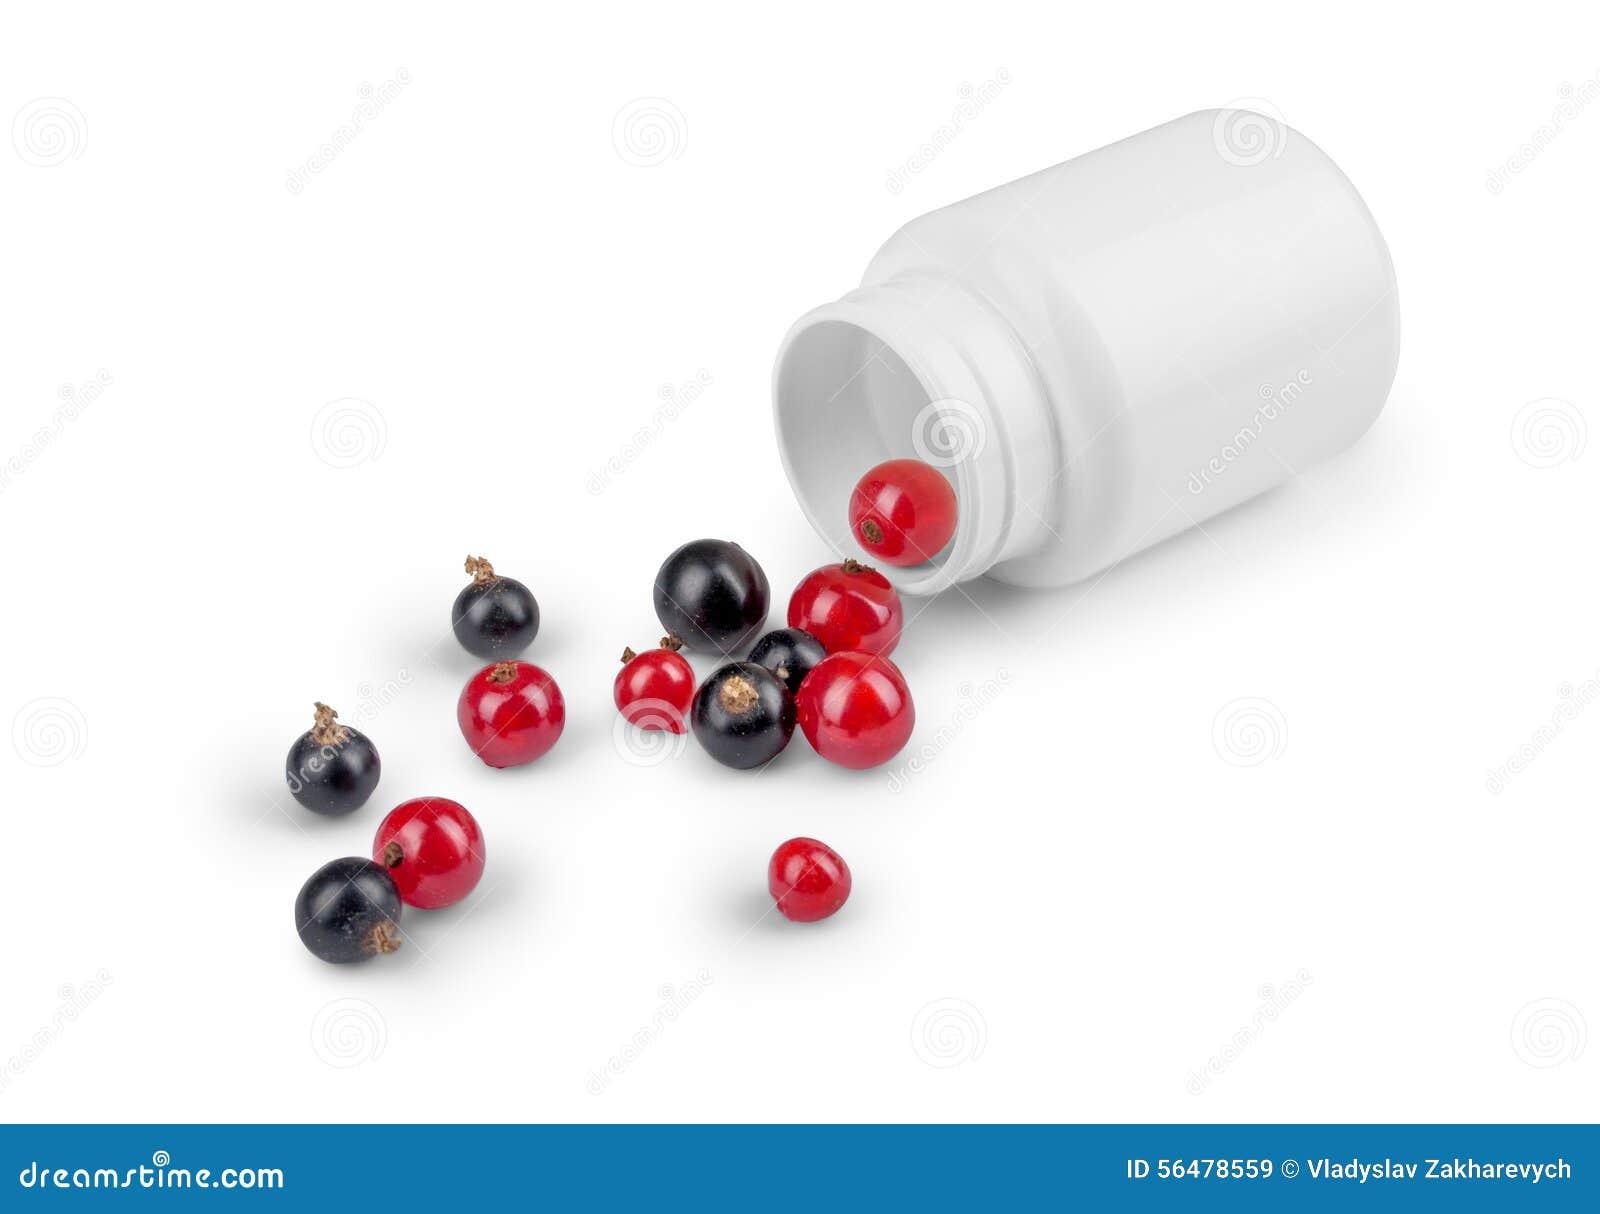 Baies se renversant hors de la bouteille de pilules